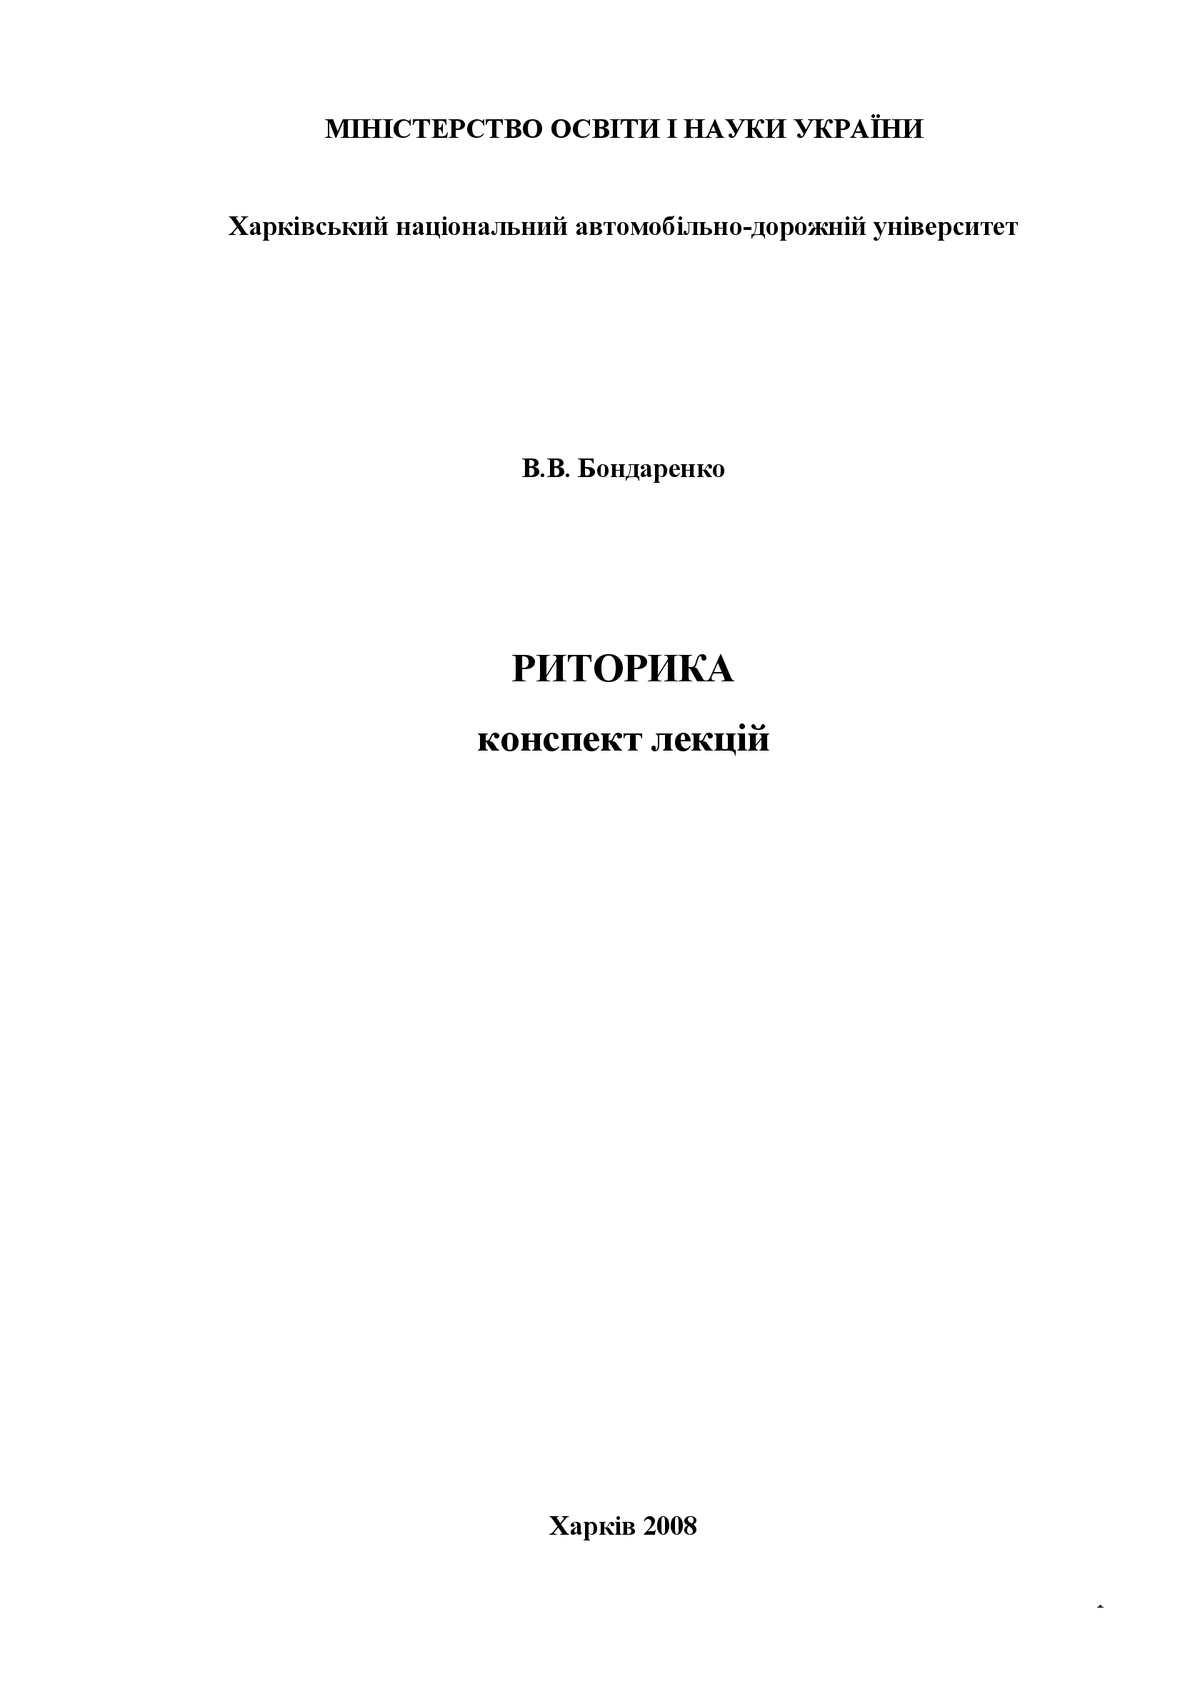 Calaméo - Конспект лекцій з риторики на українській мові 233af1b2e175f